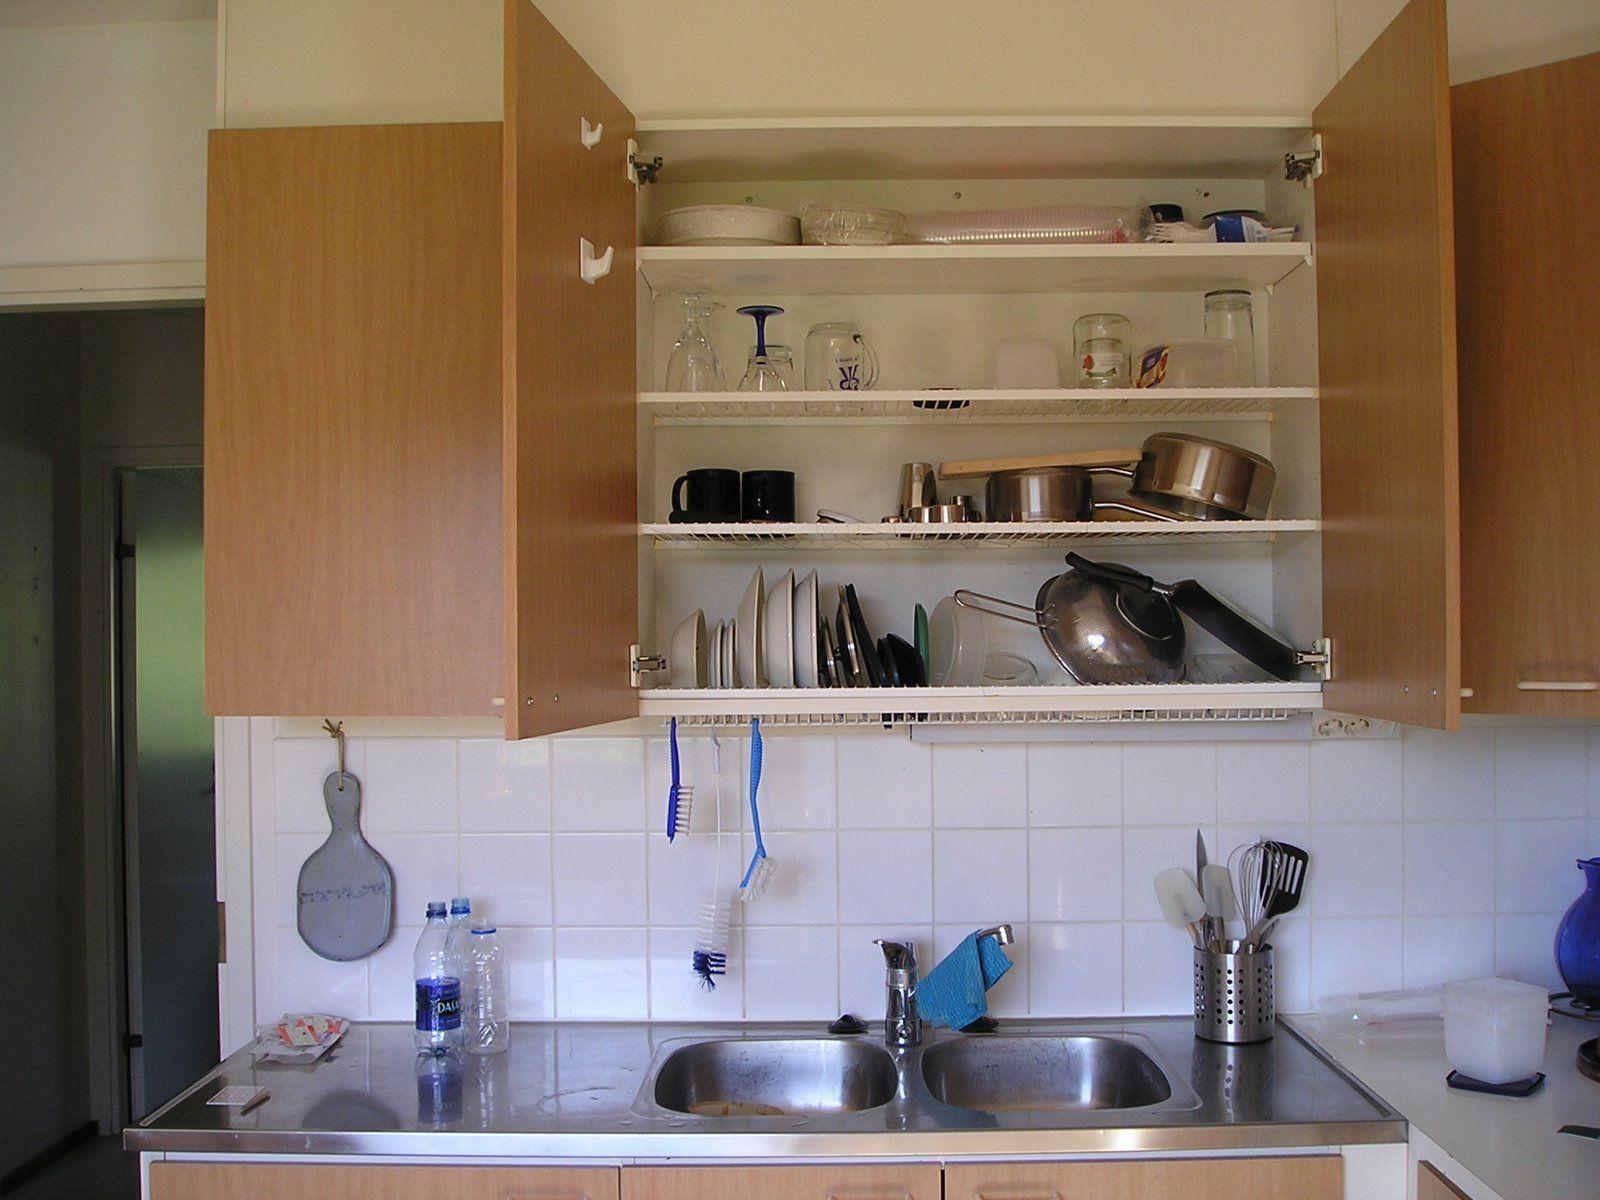 Kitchen Drying Rack For Sink P7040036jpg Dream House Pinterest Shelves Plastic And